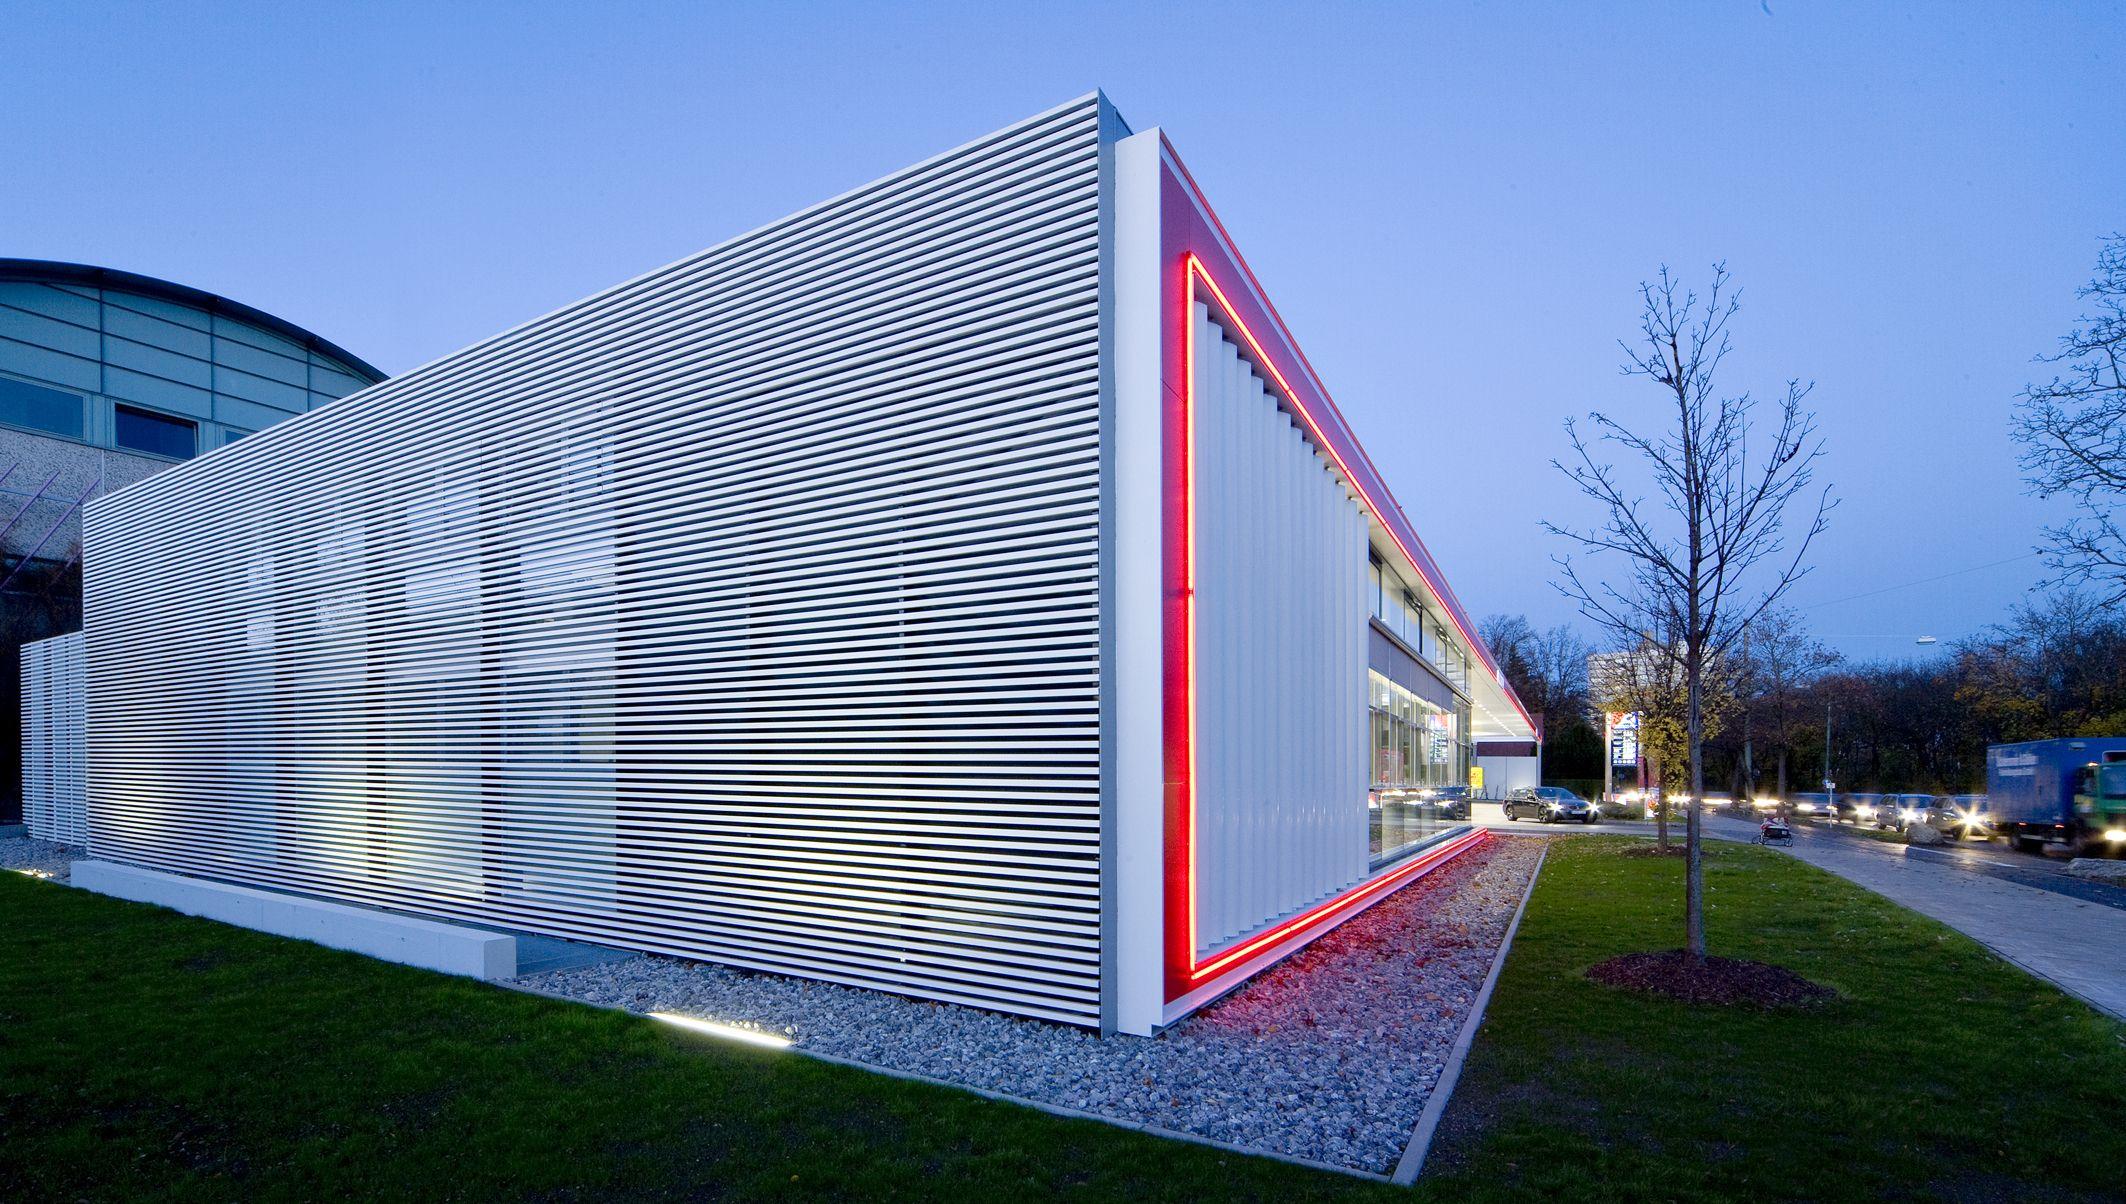 Allguth Tankstelle Chiemgau Strasse Munchen Tankstelle Architekt